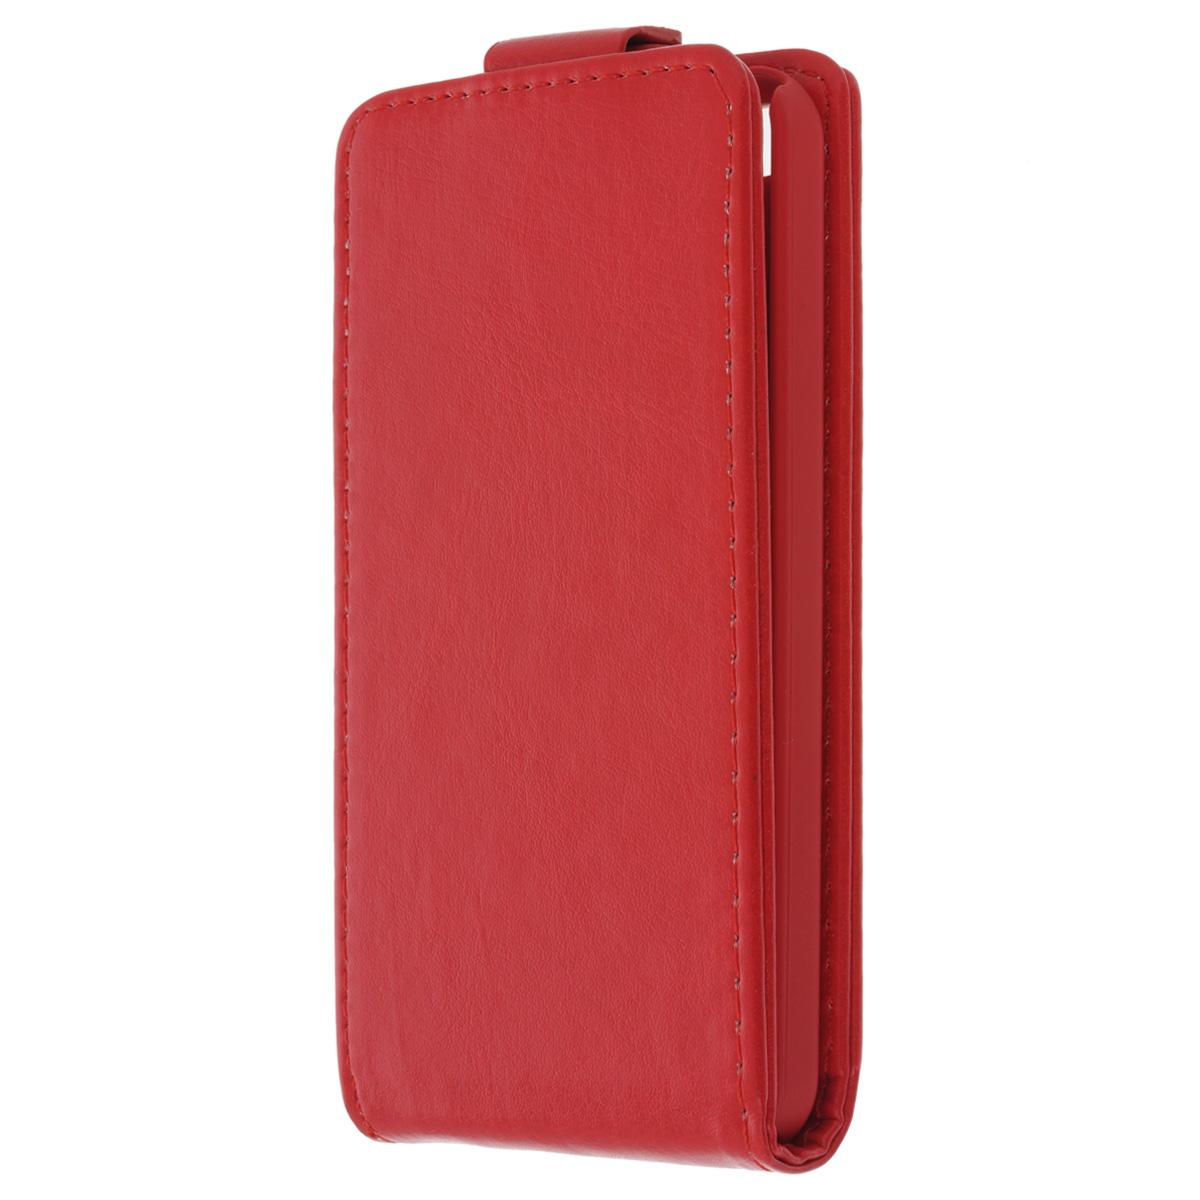 Skinbox Flip Case чехол для iPhone 5c, RedT-F-iPhone5CФлип-кейс Skinbox для Apple iPhone 5c обеспечивает надежную защиту смартфона и надежно оберегает его от механических повреждений. Чехол выполнен из искусственной кожи высокого качества с приятной на ощупь текстурой, а форма открывает свободный доступ ко всем разъемам и элементам вашего устройства.